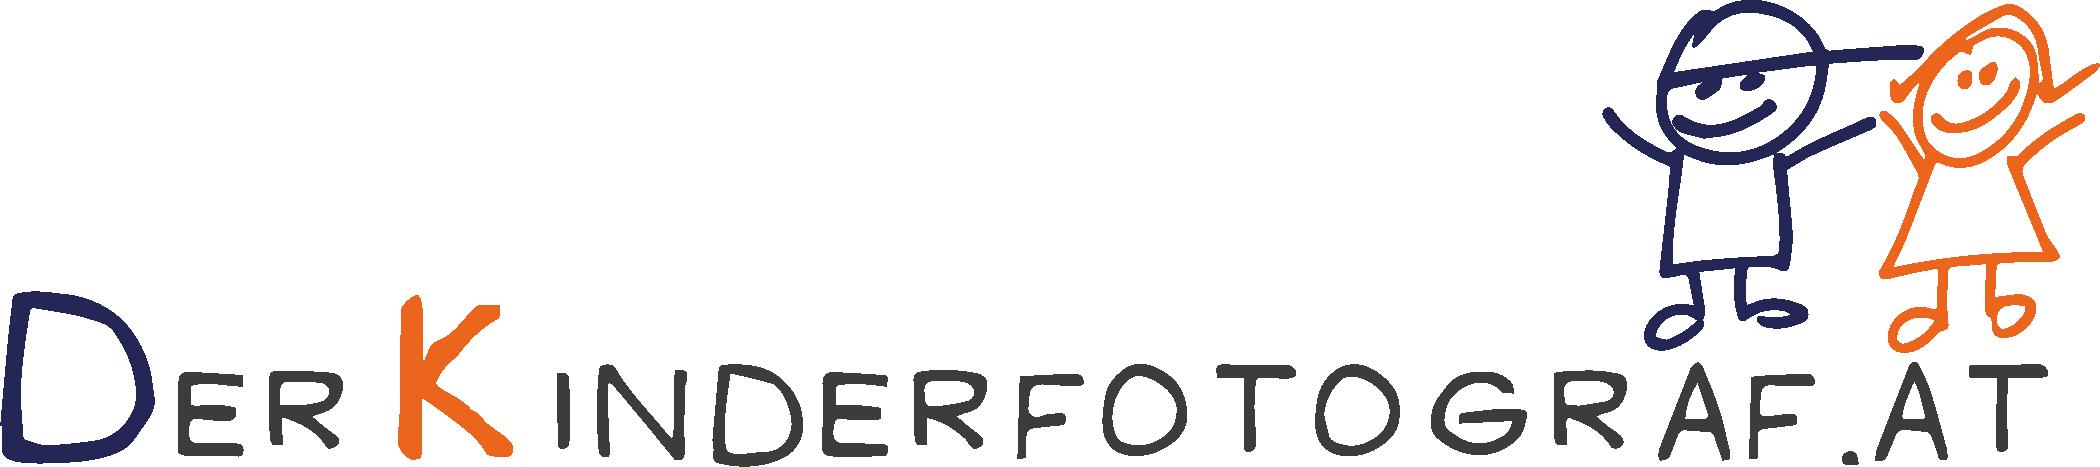 Kinderfotograf Logo